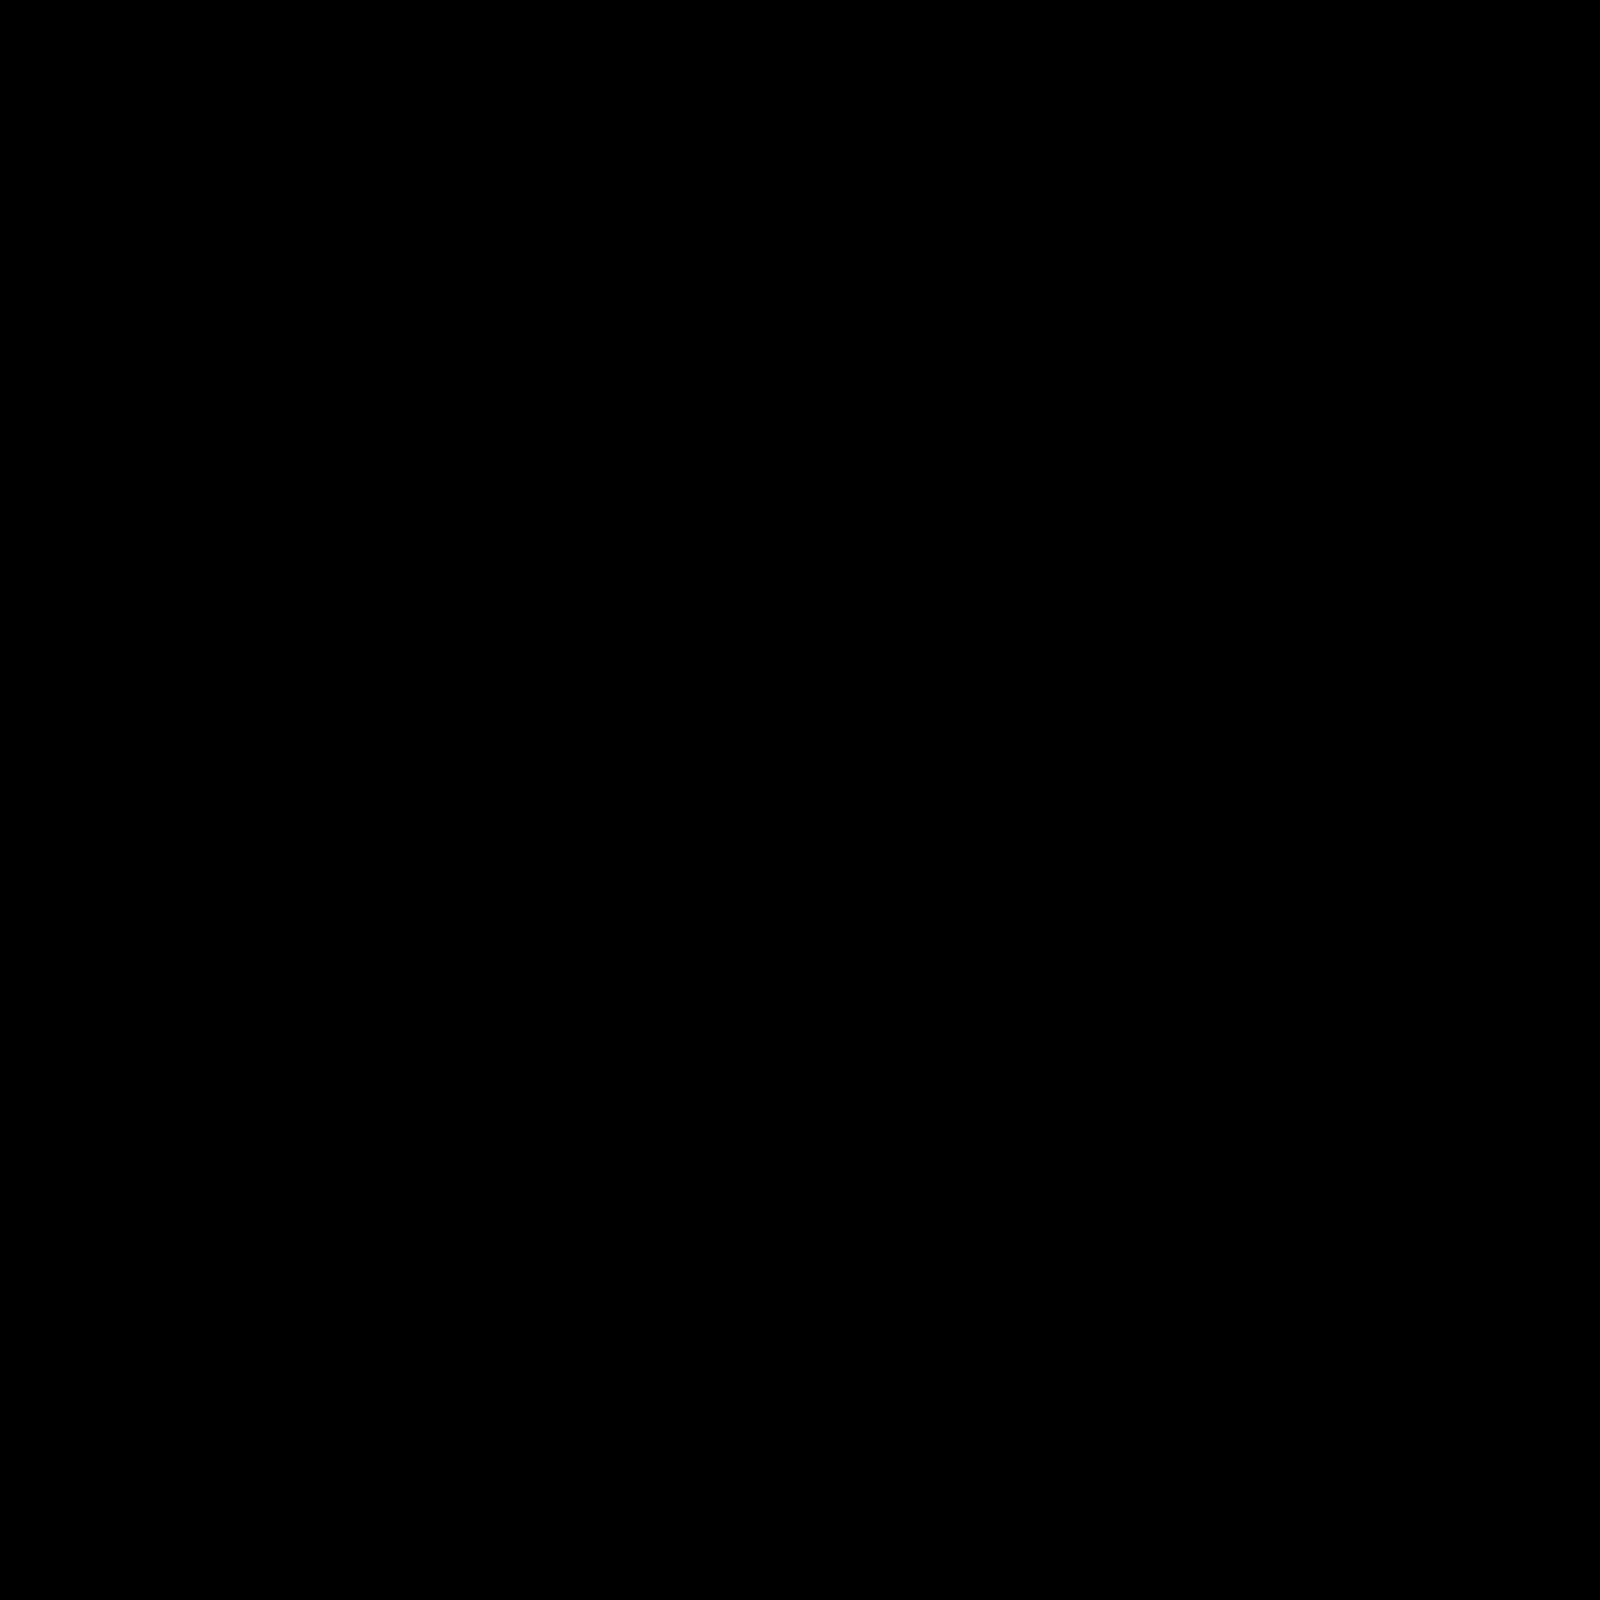 Jacket icon